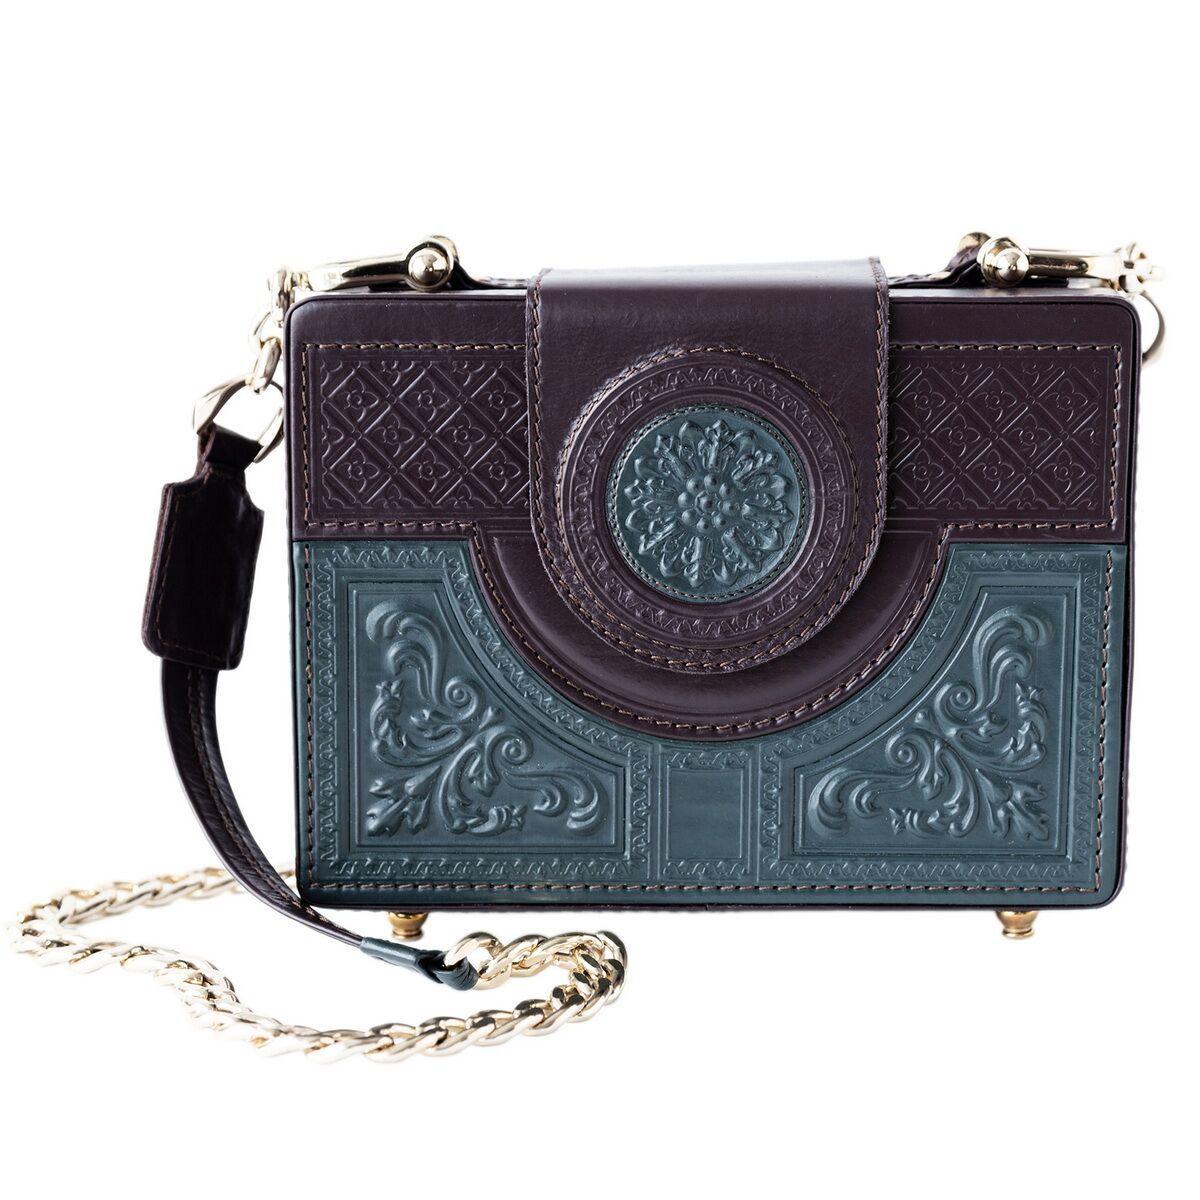 ed18ab4f2407 Купить Сумка женская «Венеция» в интернет-магазине кожаных изделий ...